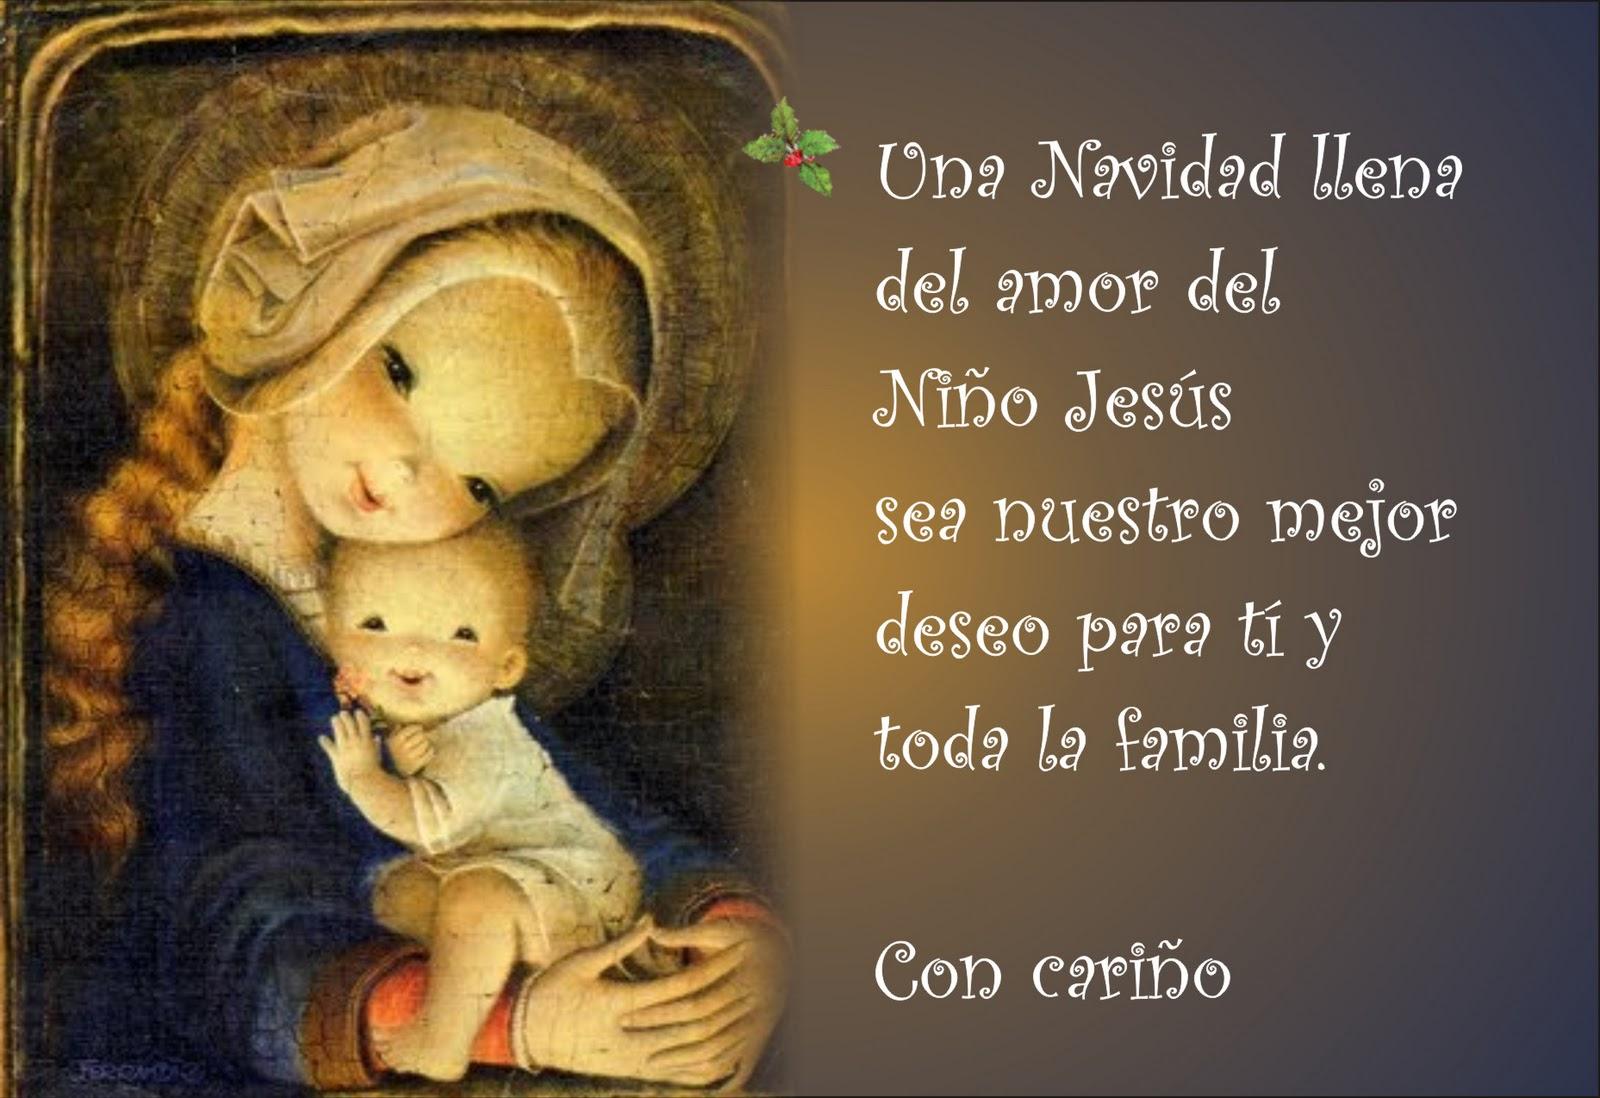 Imagenes cristianas para felicitar la navidad